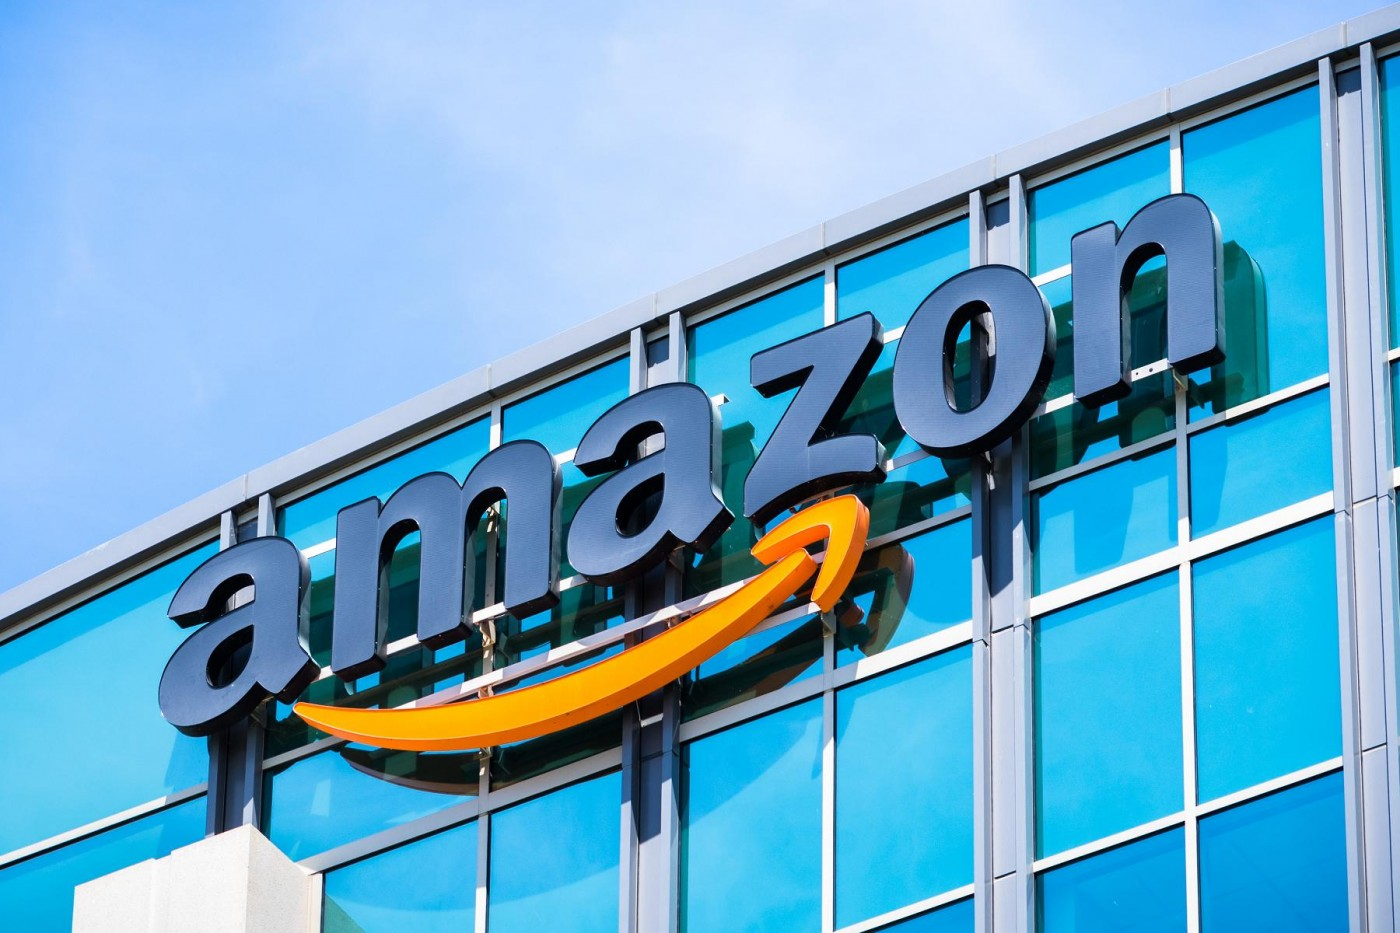 亞馬遜幾乎拿下美國電商市場半壁江山,服飾銷售占比也近4成